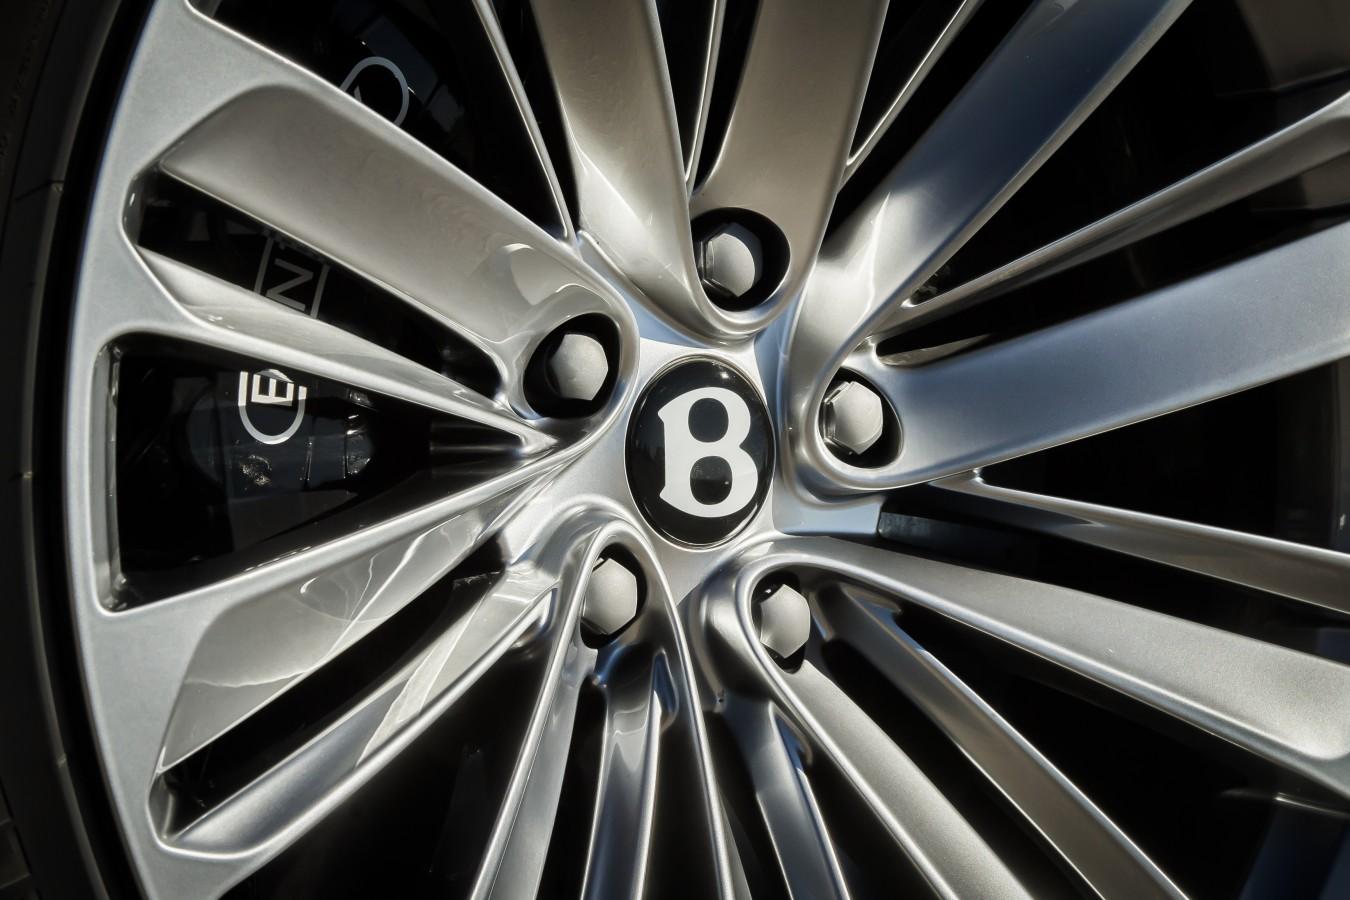 НОВЫЙ BENTLEY BENTAYGA SPEED - изображение Bentayga-Speed-11 на Bentleymoscow.ru!